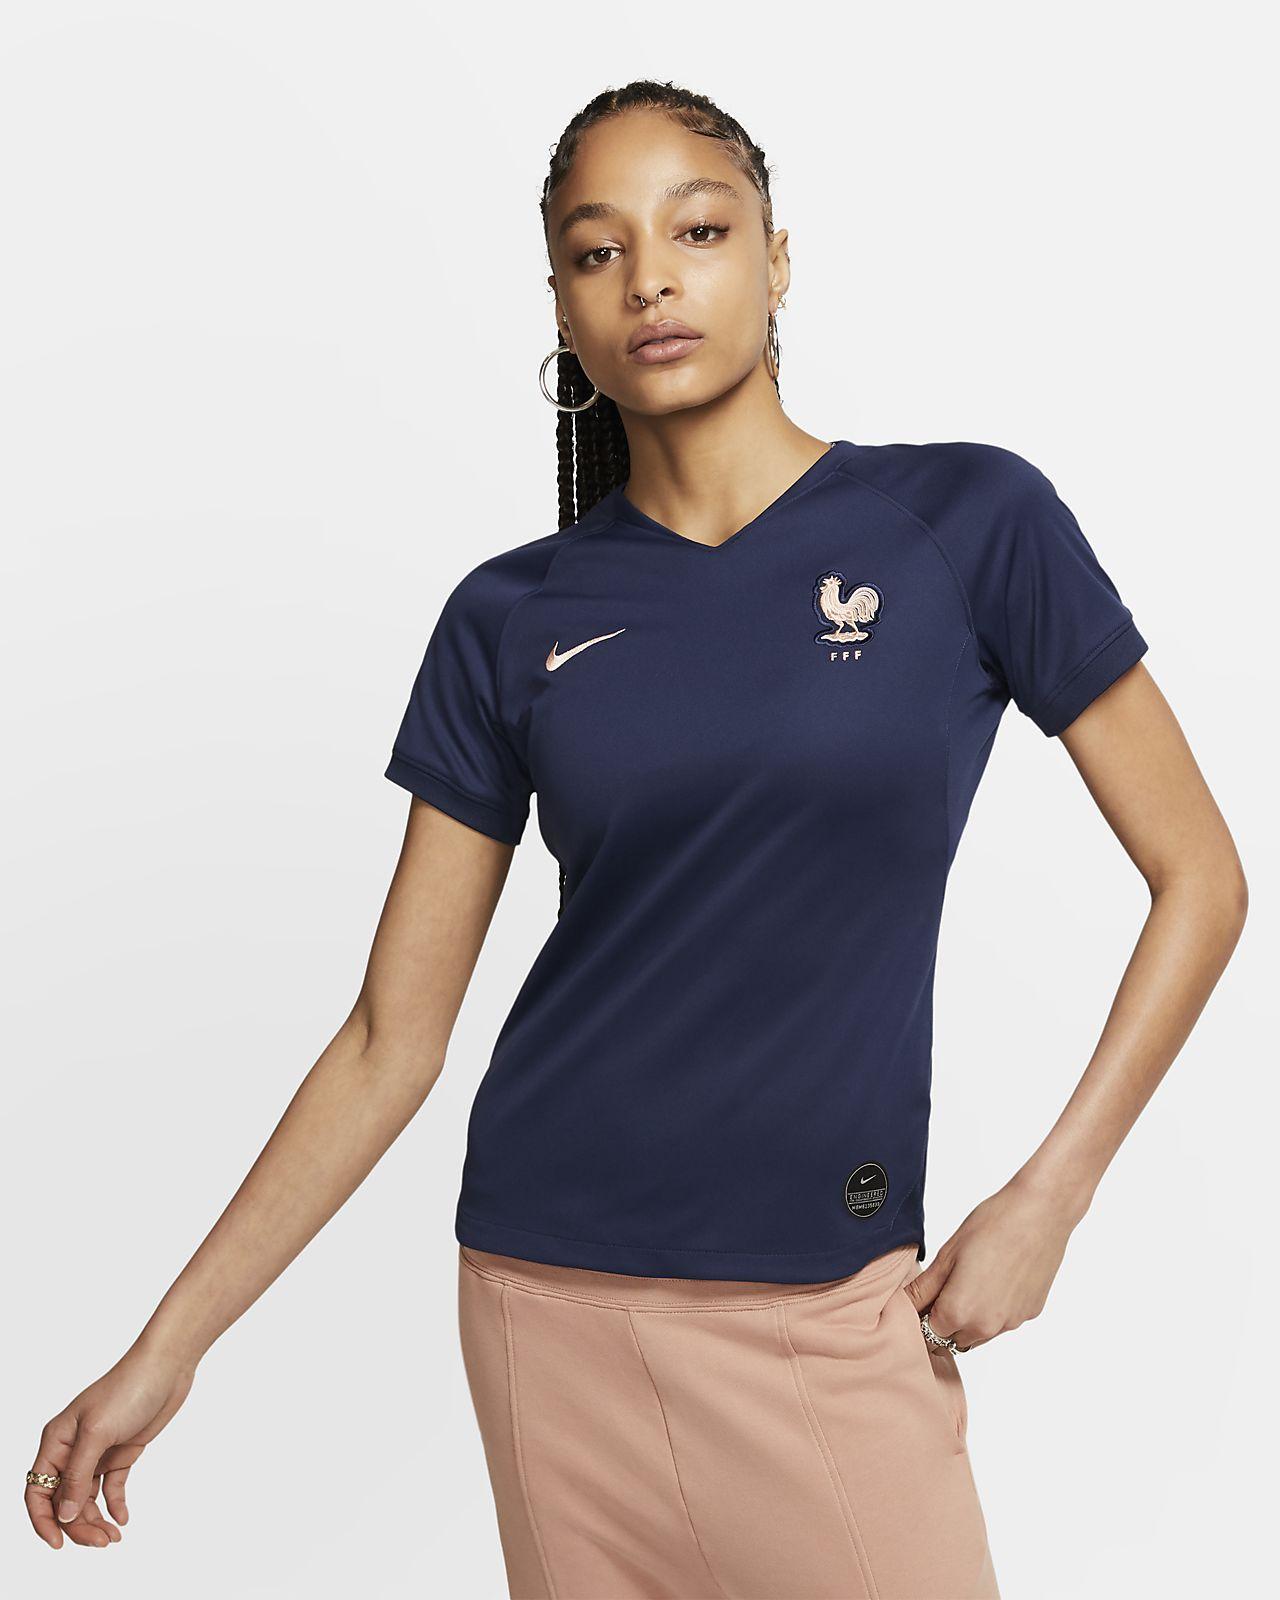 เสื้อแข่งฟุตบอลผู้หญิง FFF 2019 Stadium Home